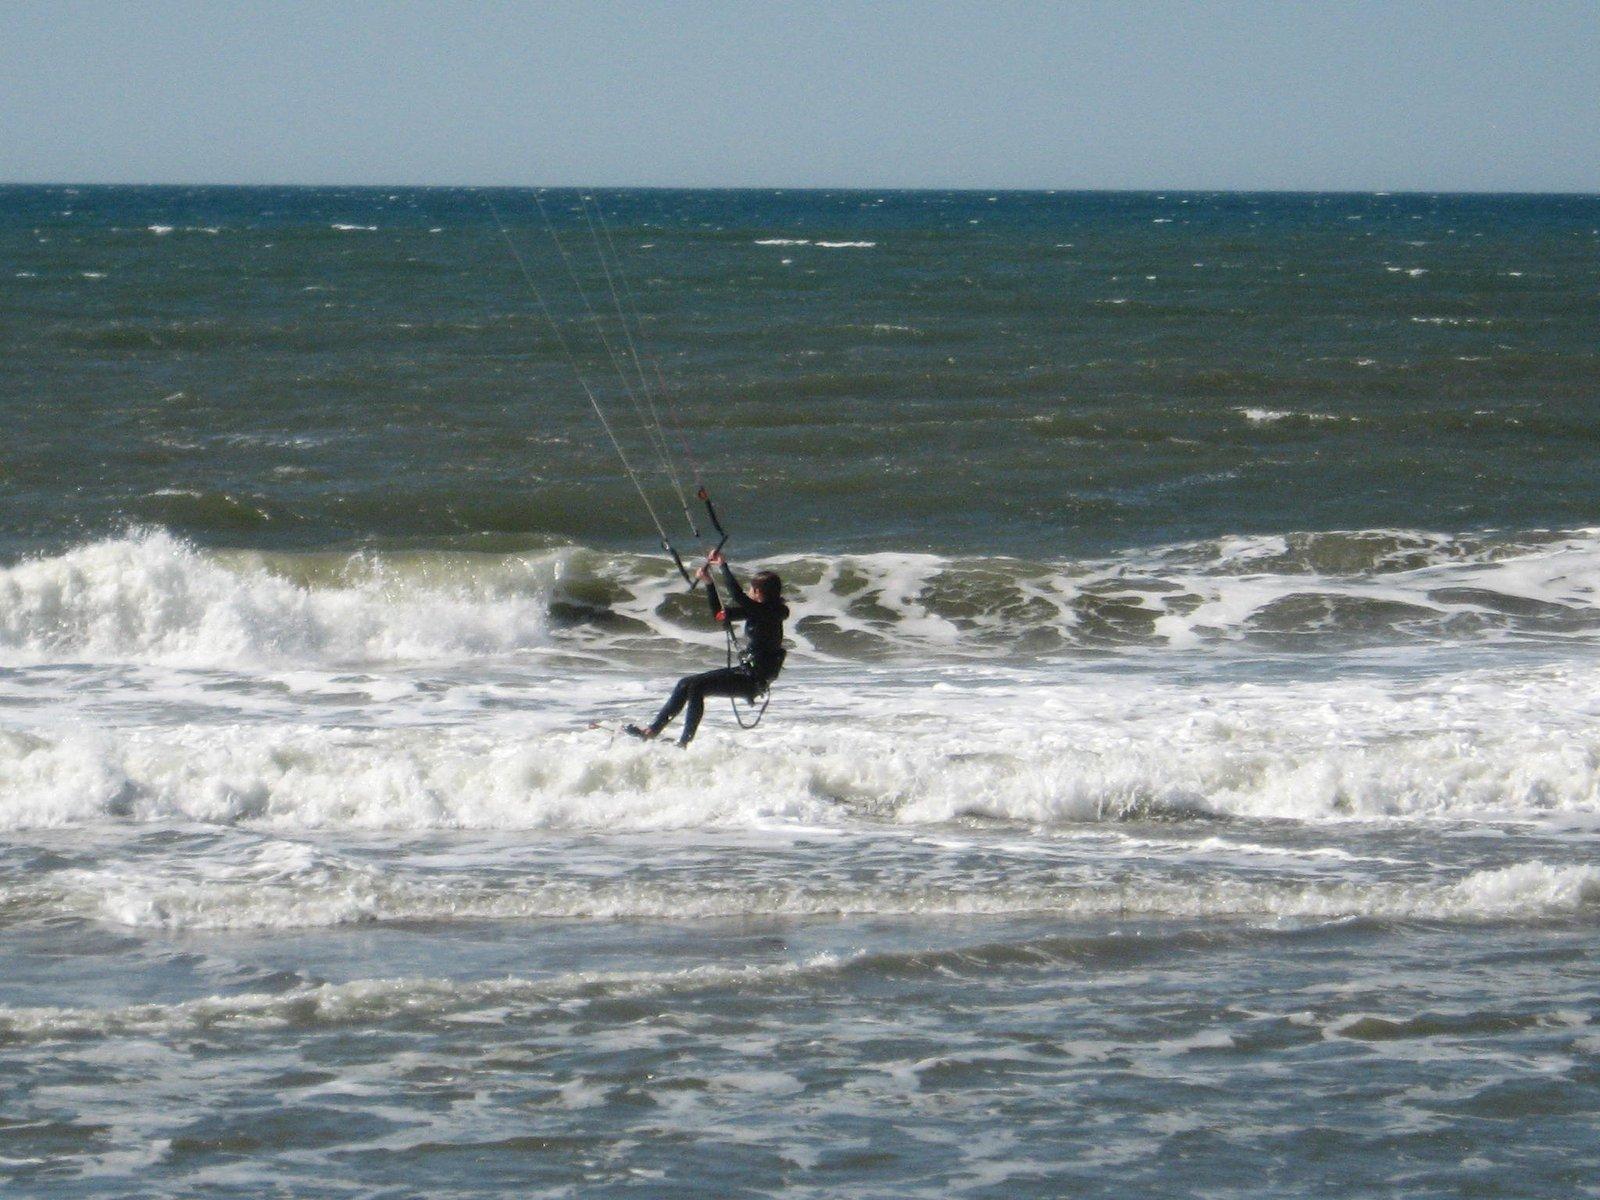 I like to kite